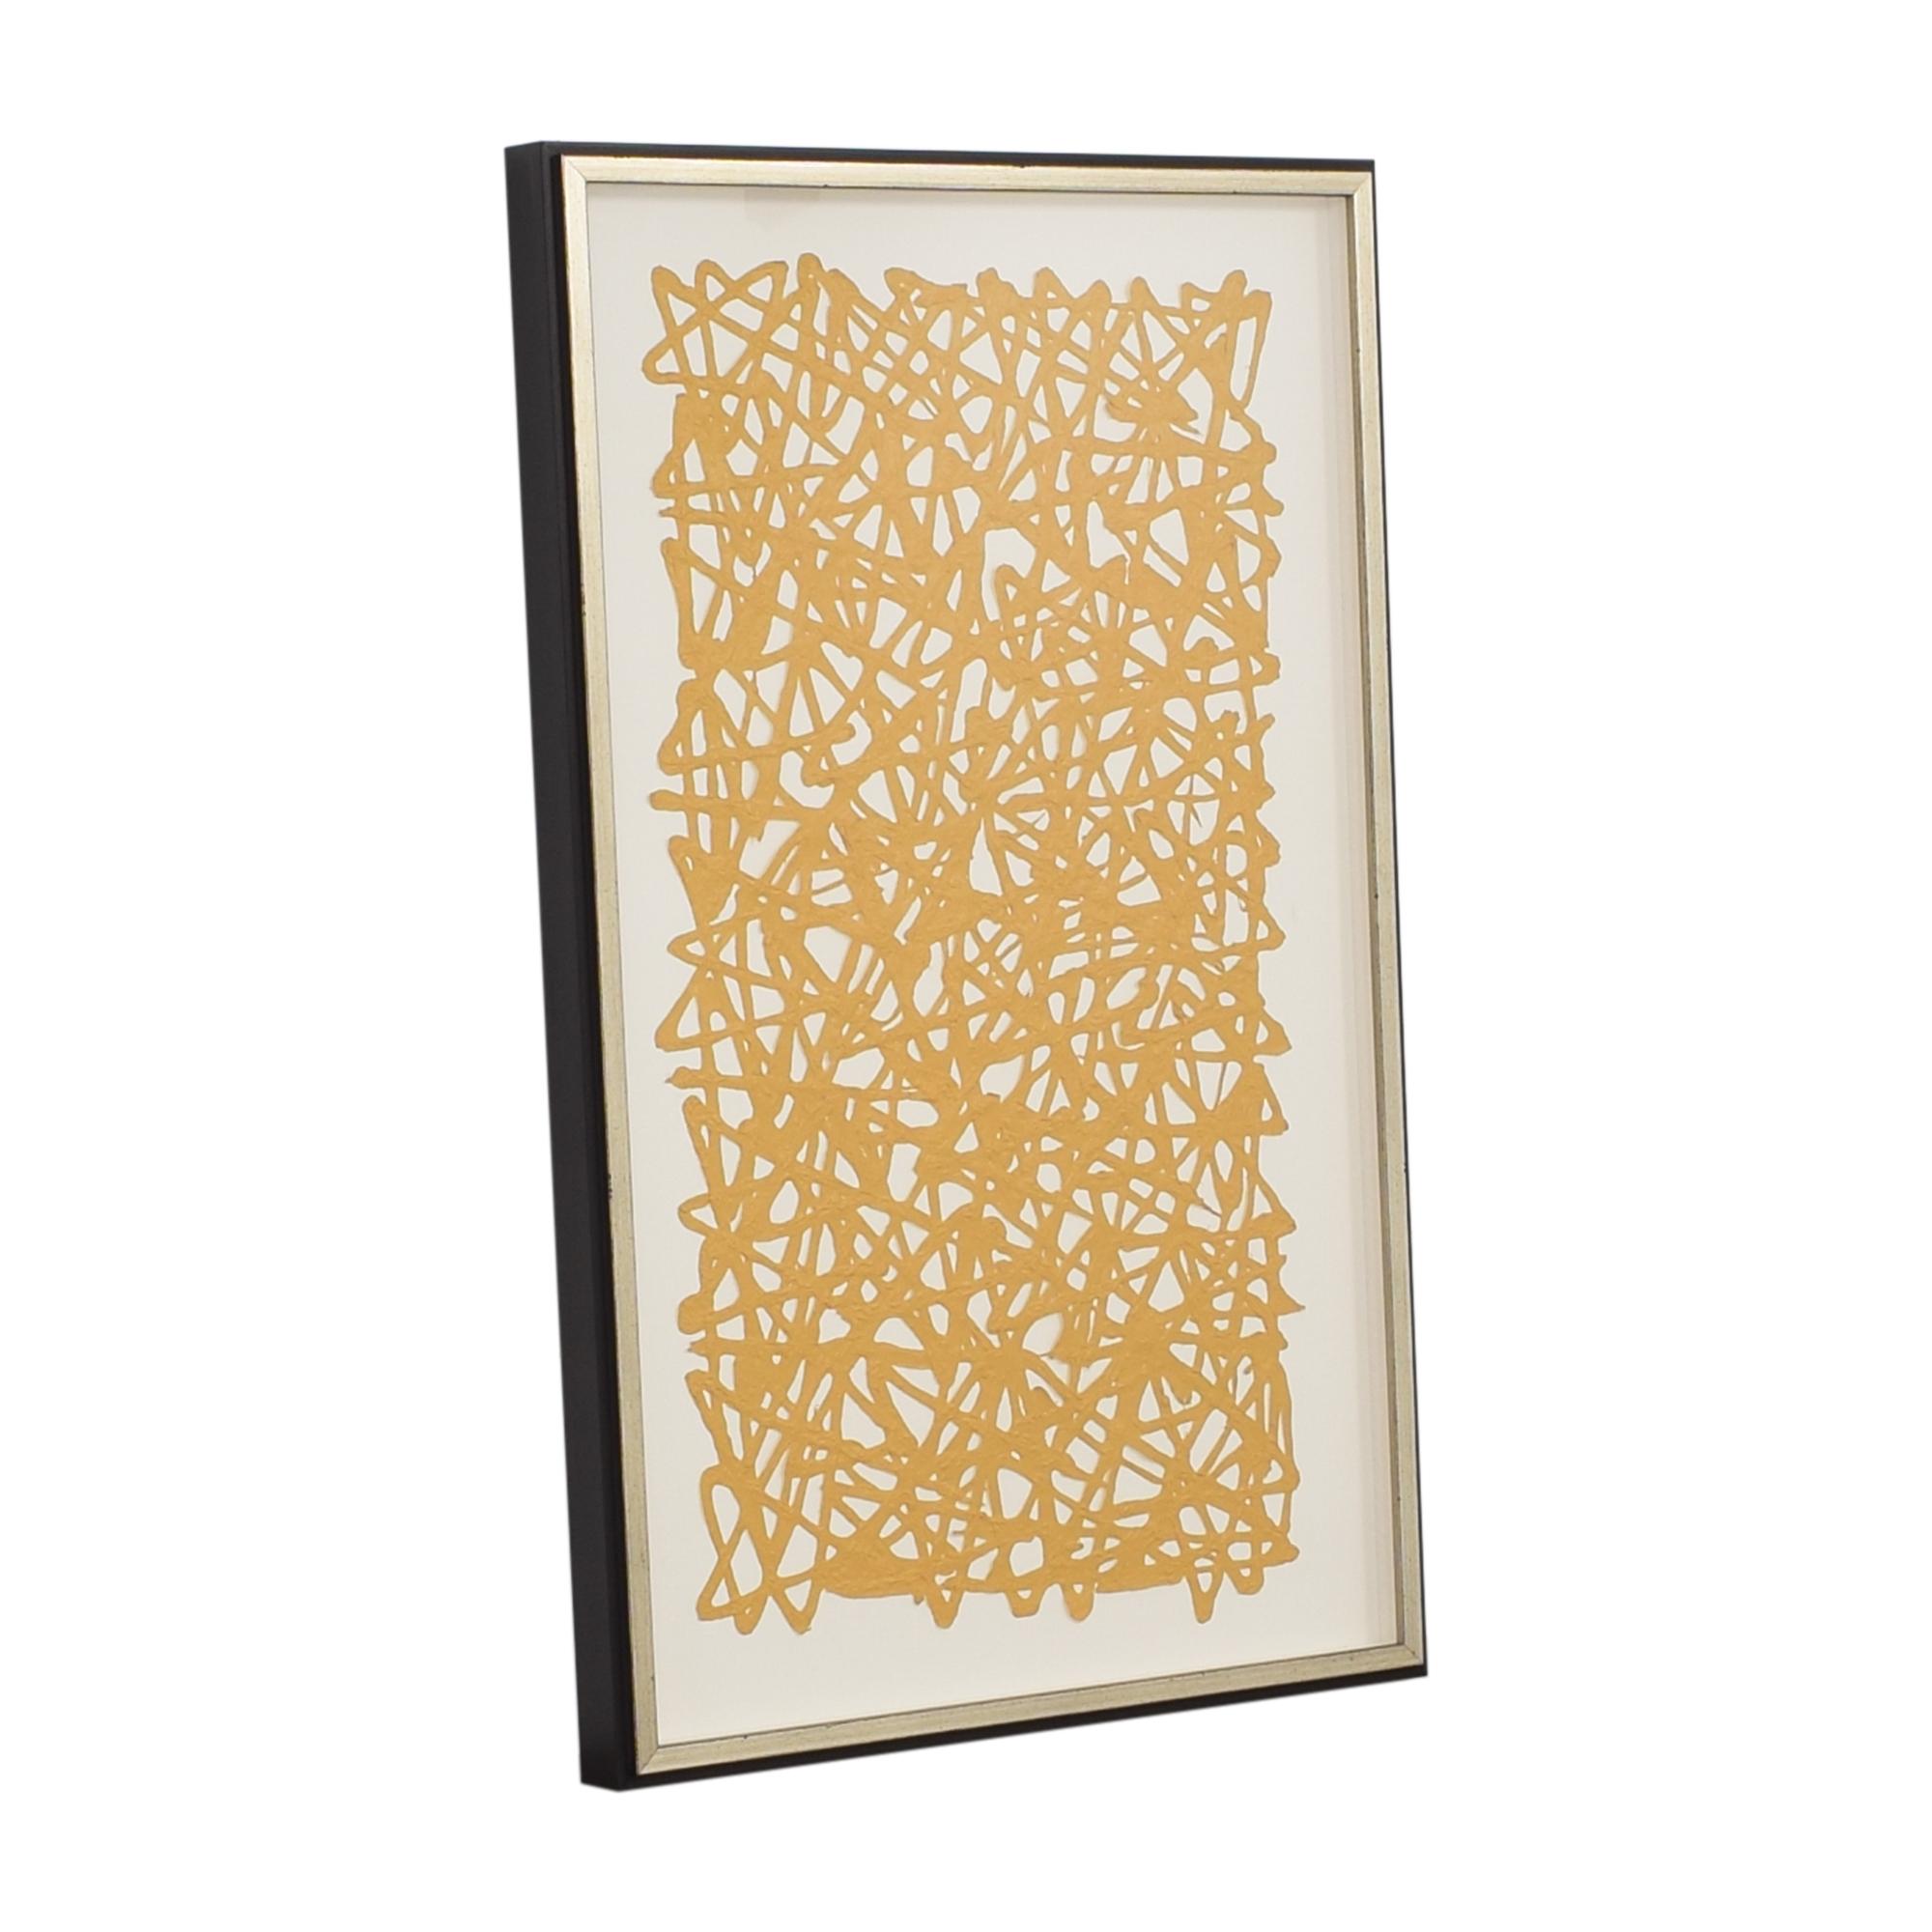 Ethan Allen Ethan Allen Mustard Paper Art ct